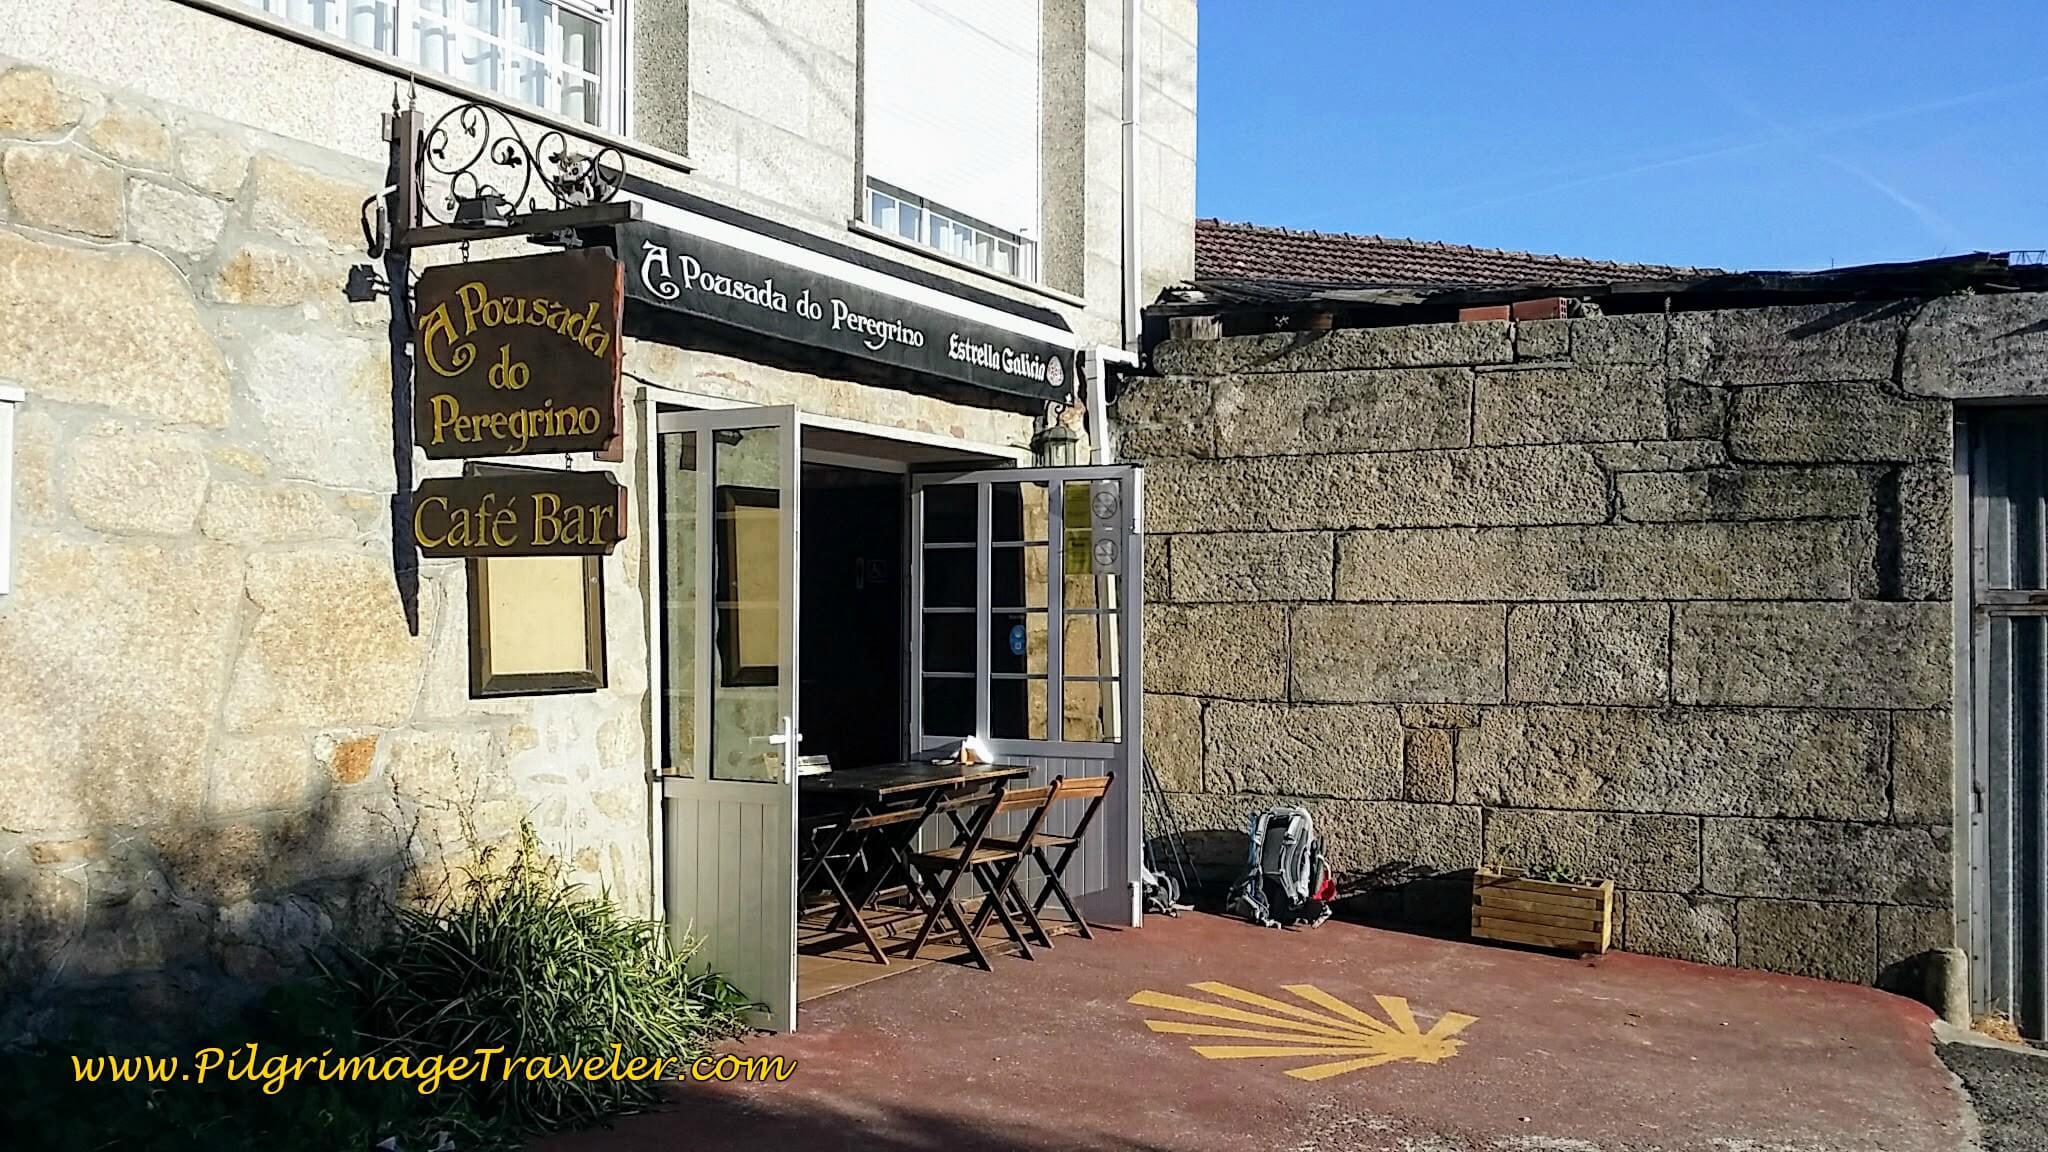 Café Bar A Pousada do Peregrino on day twenty-three, Camino Portugués